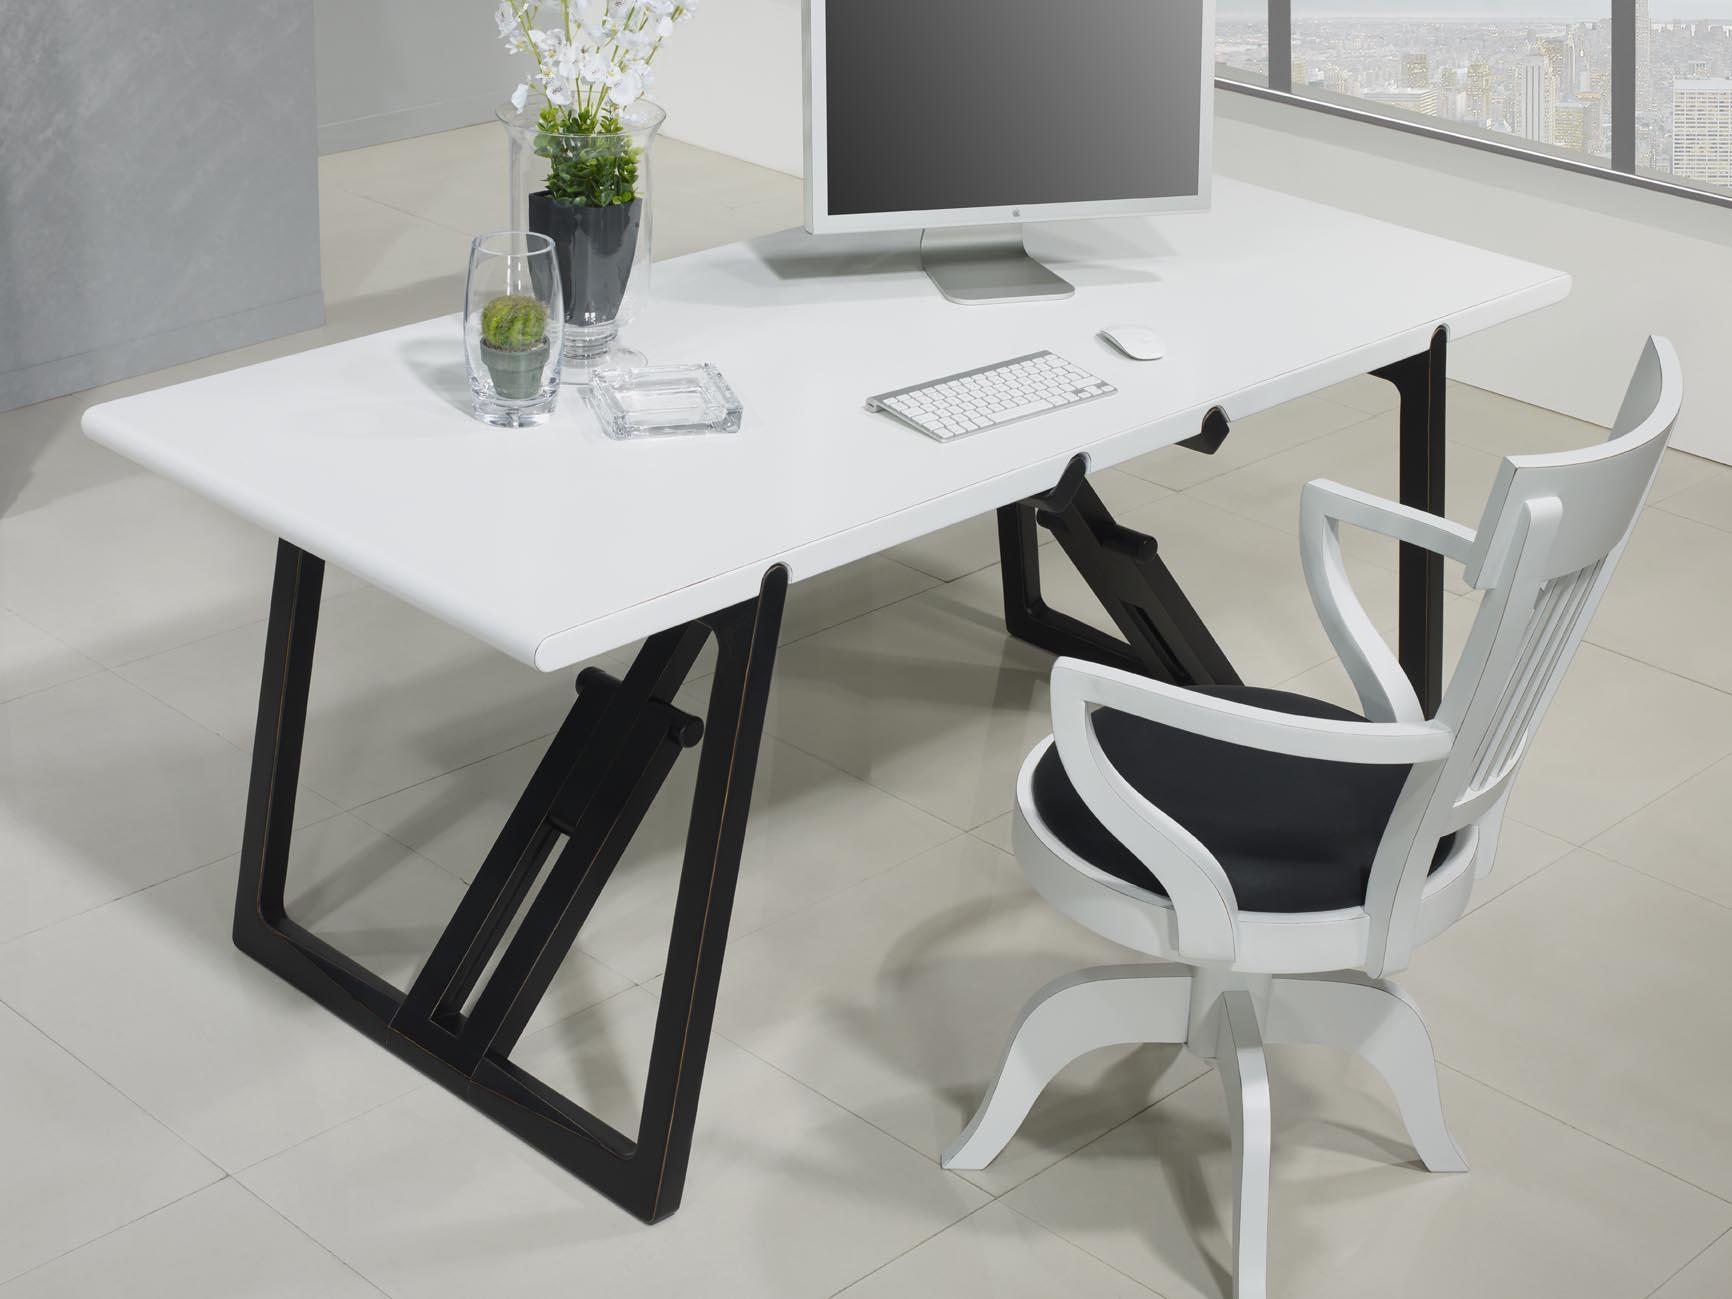 table de bureau en merisier massif de ligne contemporaine pi tement noir us et patin plateau. Black Bedroom Furniture Sets. Home Design Ideas